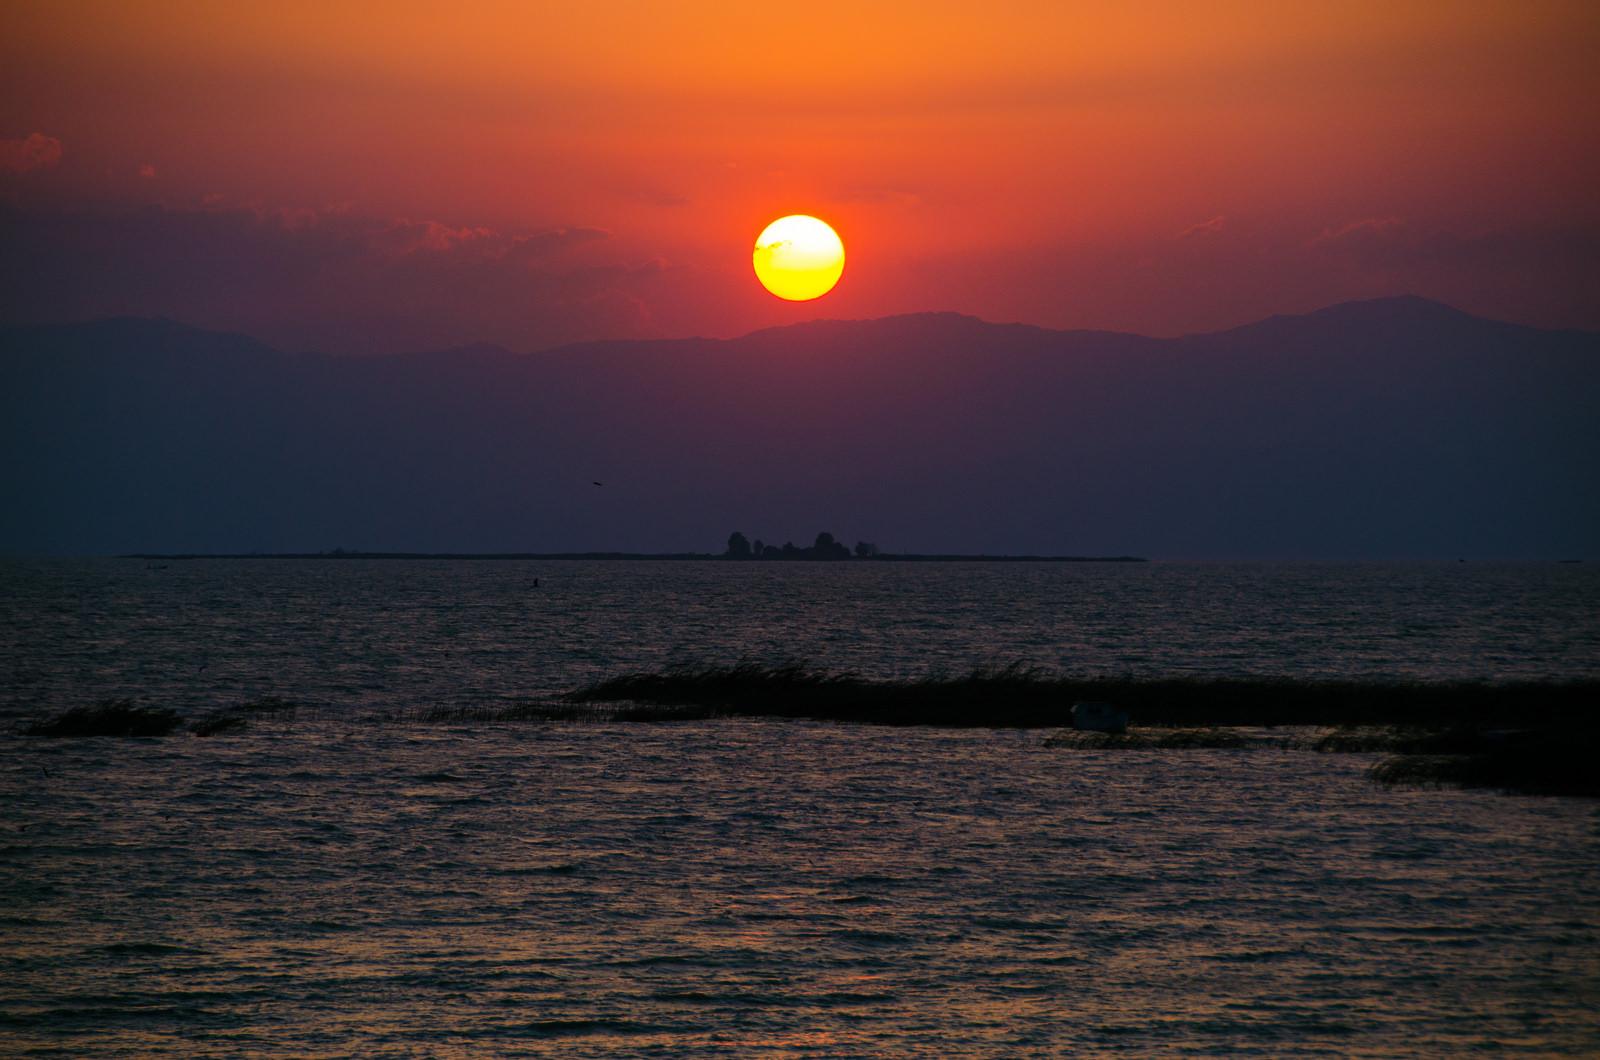 Beyşehir Sunset